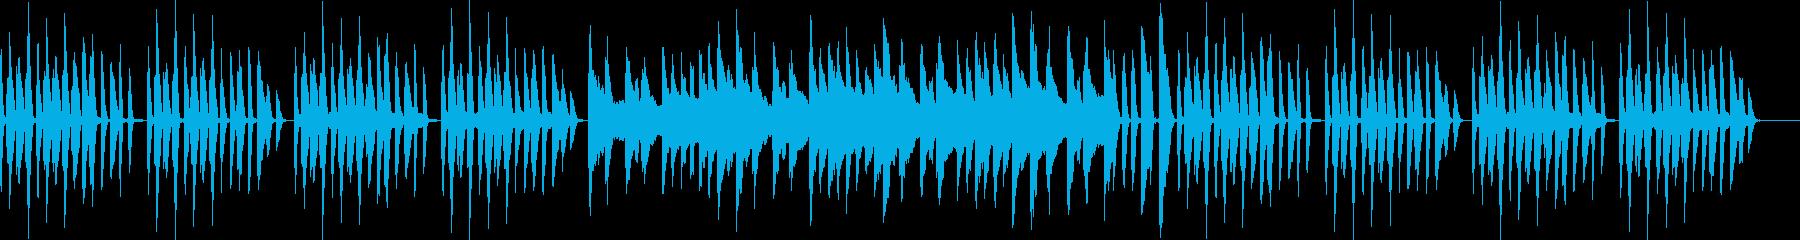 ピアノがメインのほのぼのしたシンプルな曲の再生済みの波形